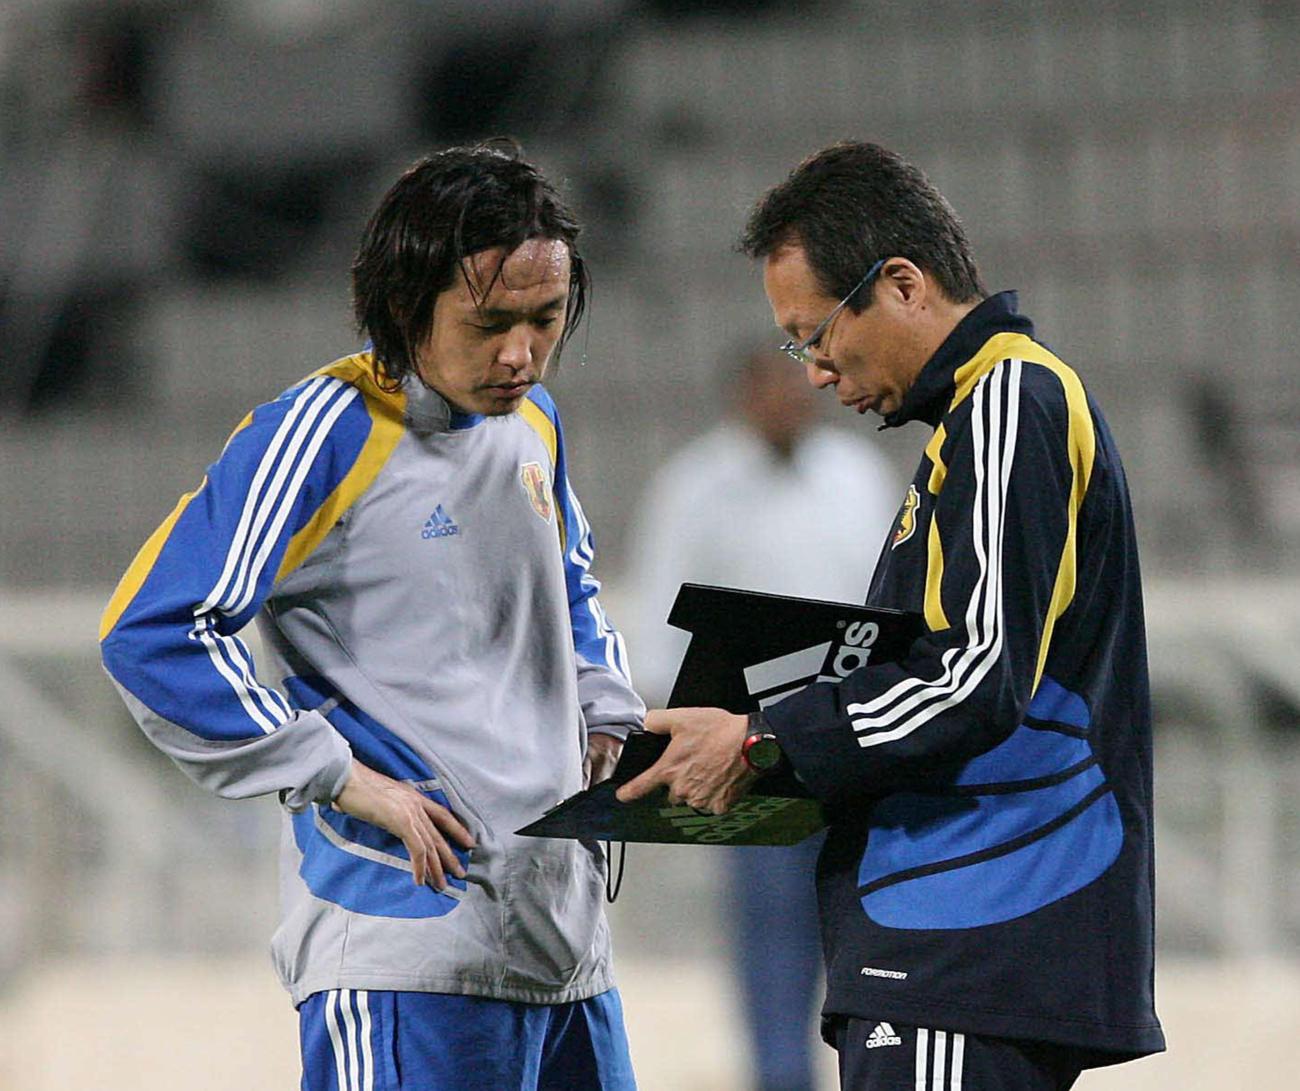 日本代表で監督を務めていた岡田武史氏は遠藤保仁と話をする(2008年11月18日)